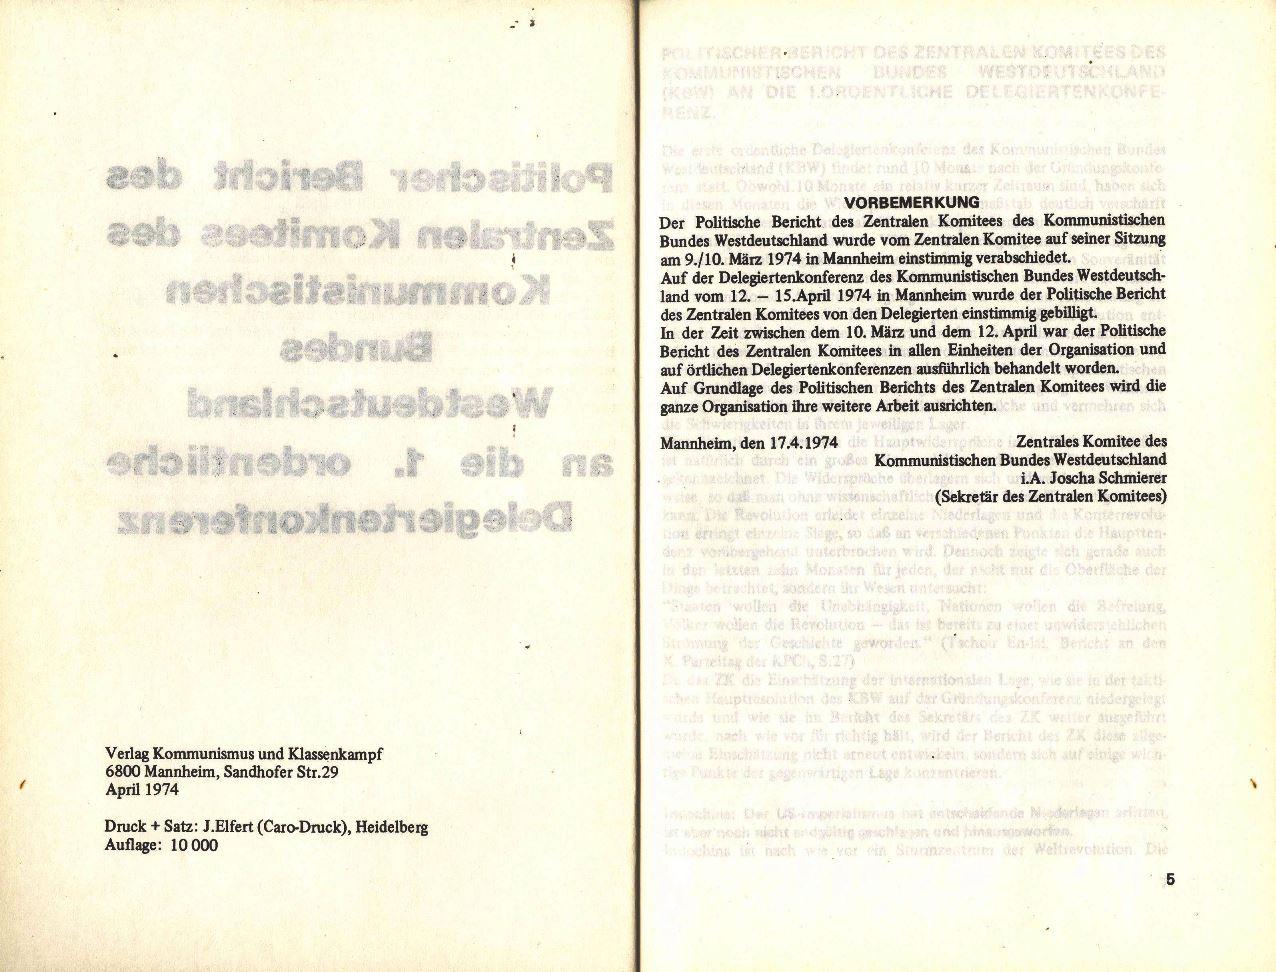 KBW_1974_Politischer_Bericht004